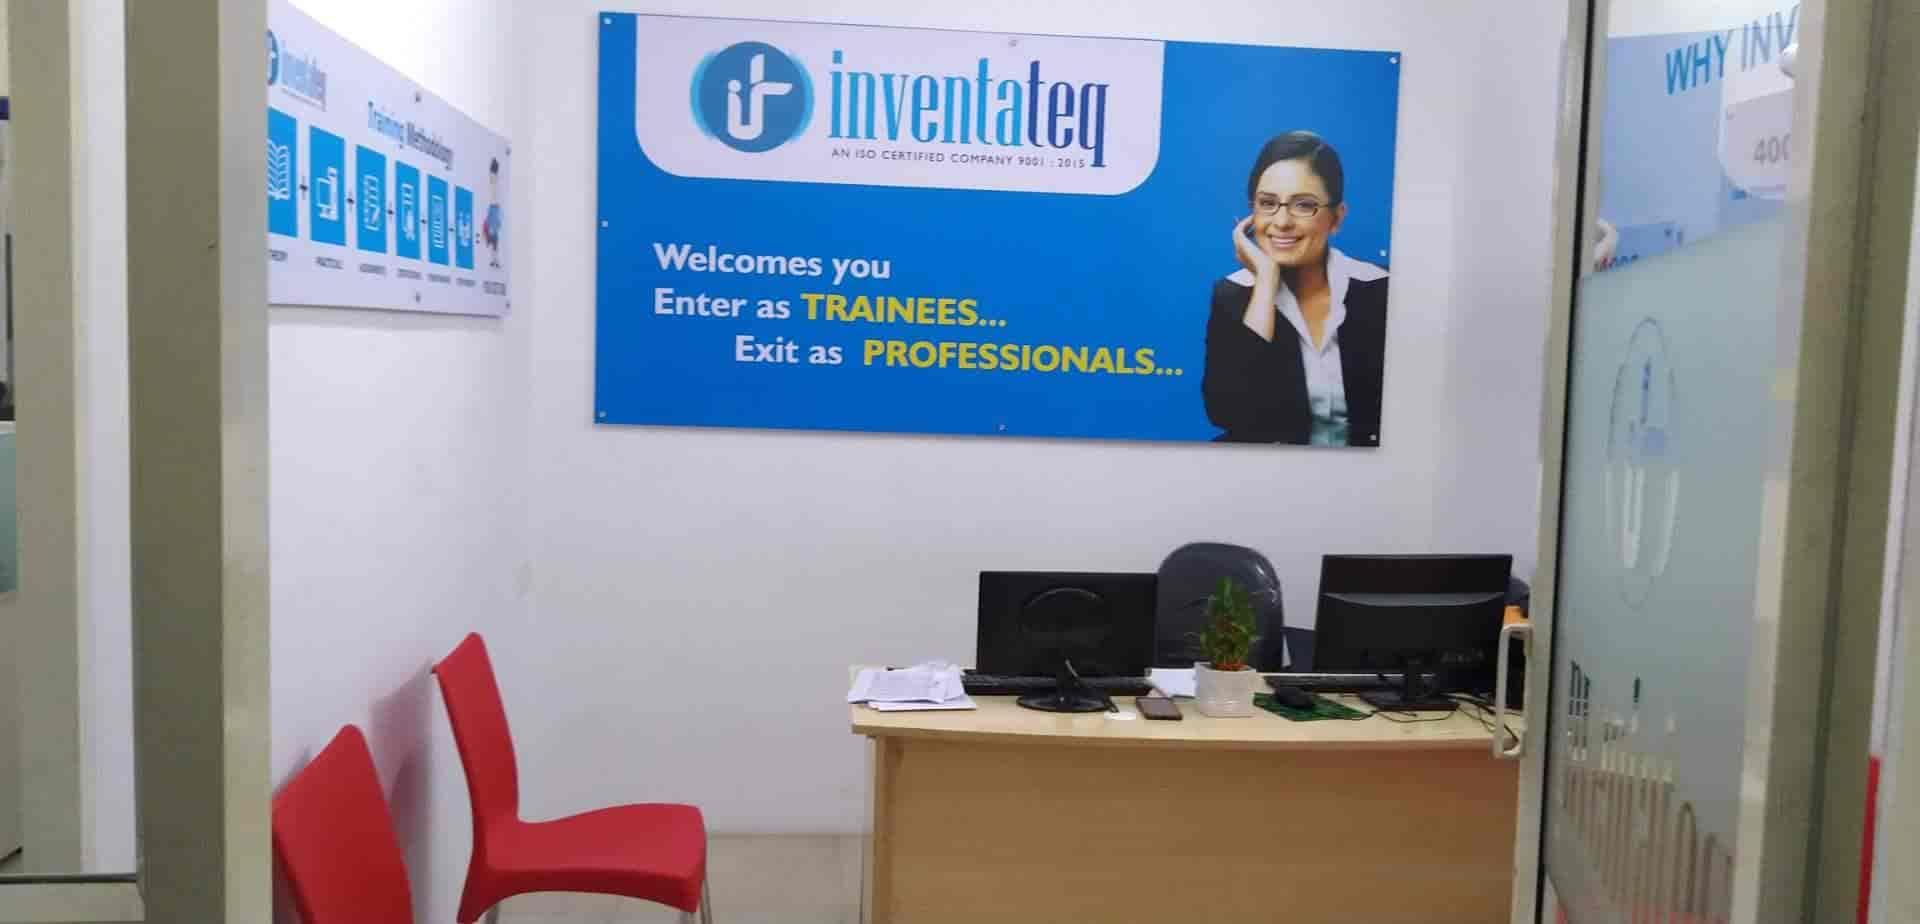 Inventateq, Rajajinagar - Computer Training Institutes in Bangalore - Justdial